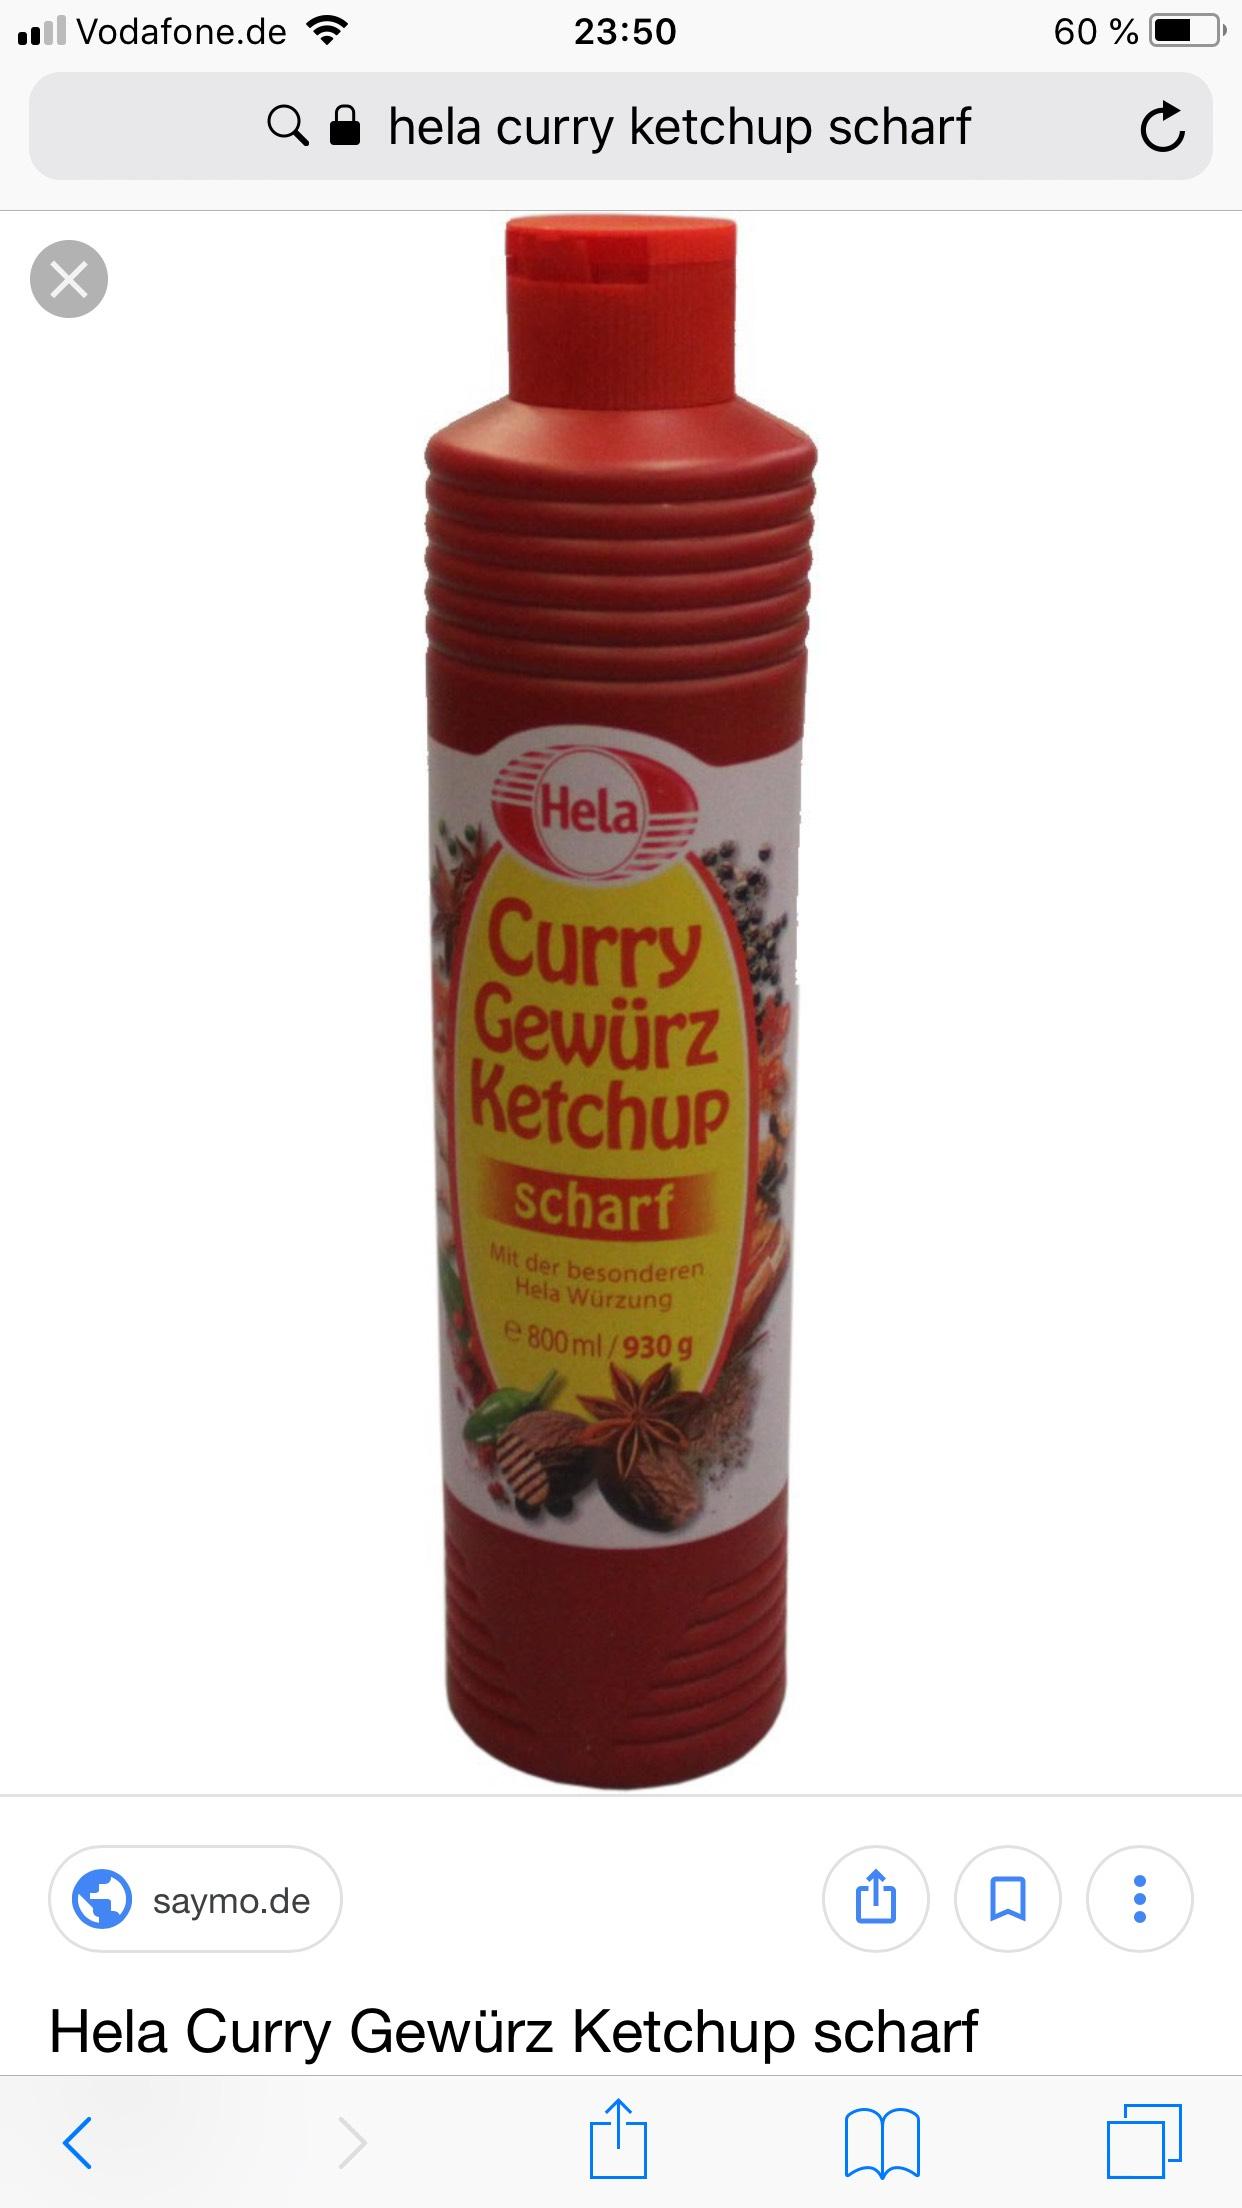 Lokal Magdeburg Hela Curry Gewürz Ketchup scharf pro Flasche 0,30€